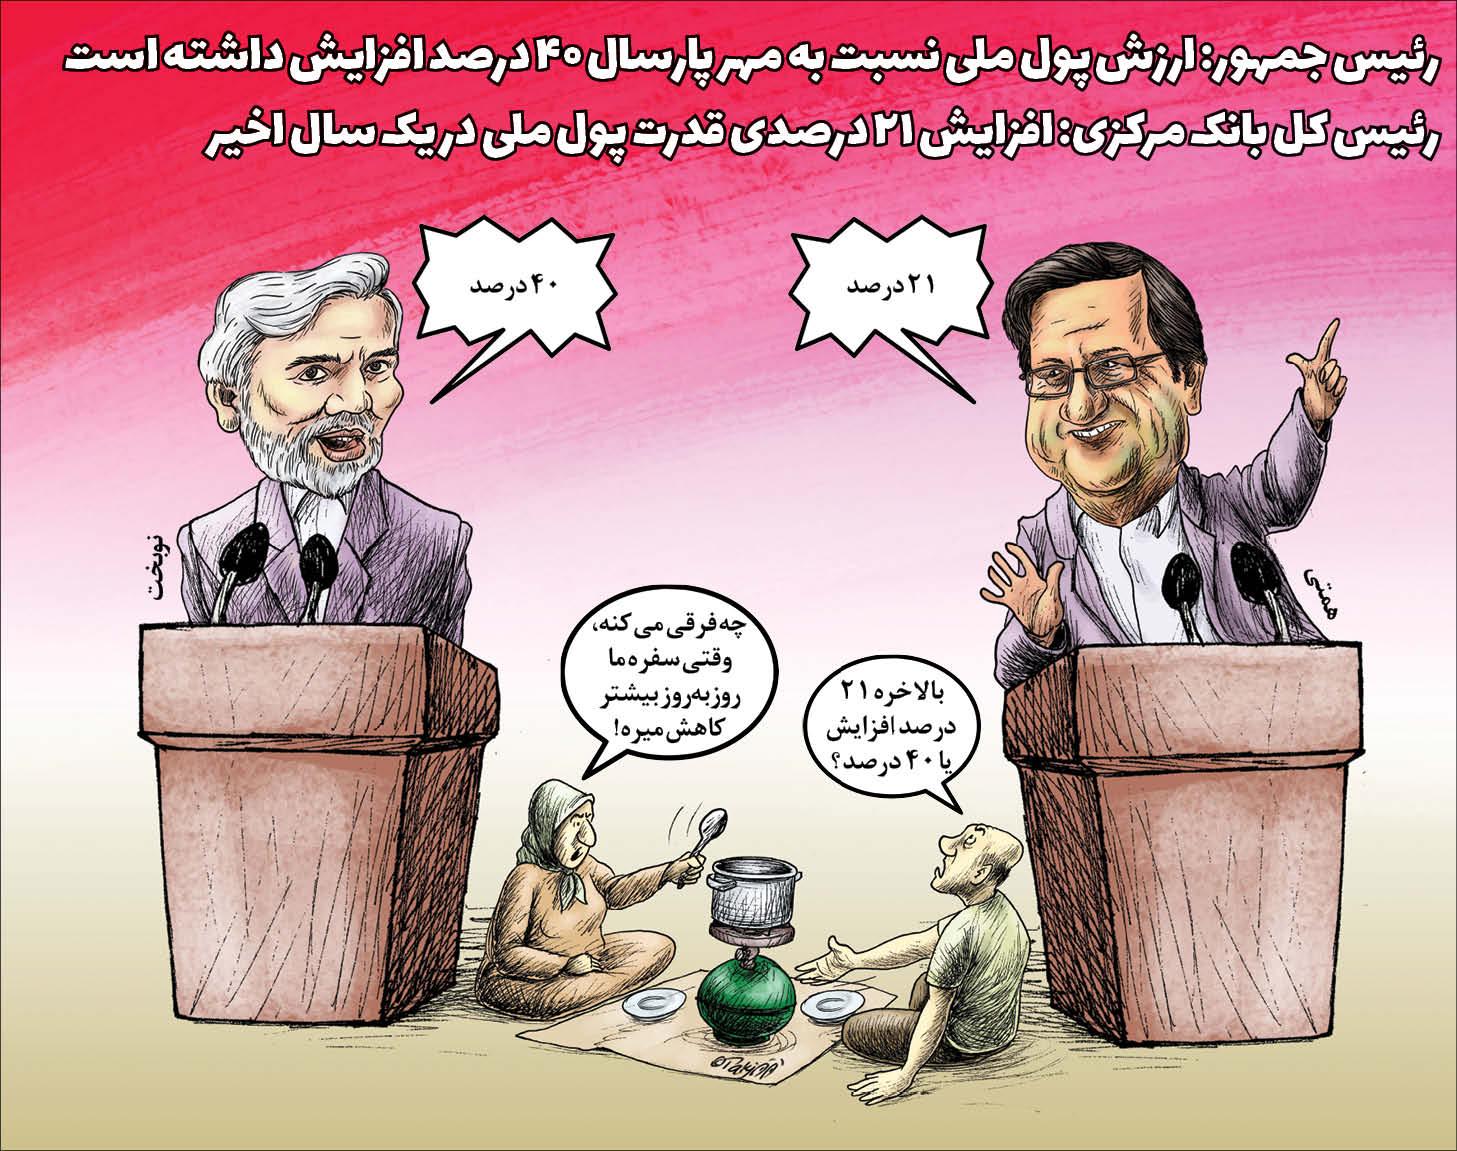 کارتونیست:جواد تکجو